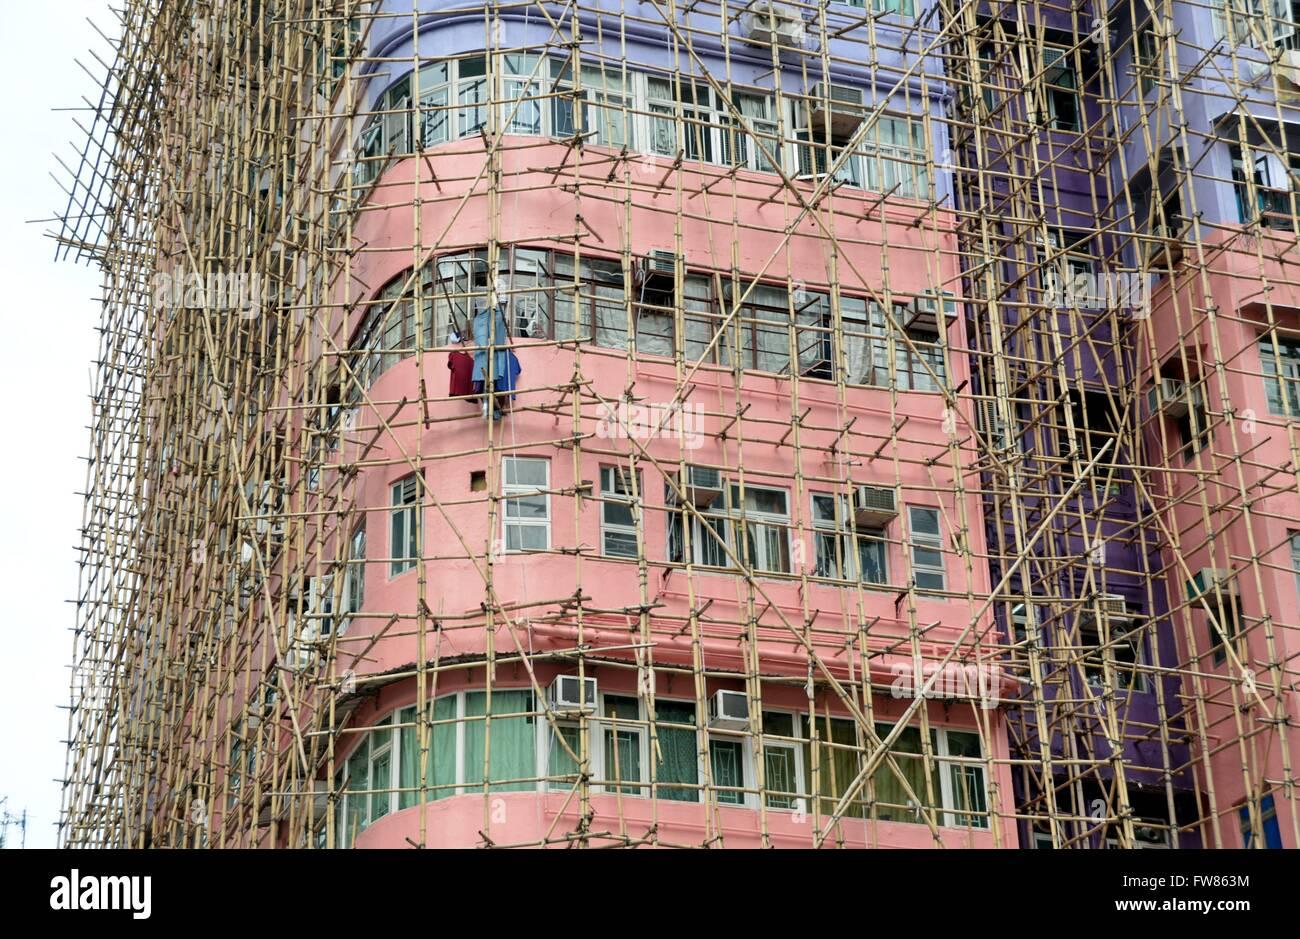 Ein Gebäude Mit Bambus Gerüst In Kowloon Hongkong Da Bambus Viel